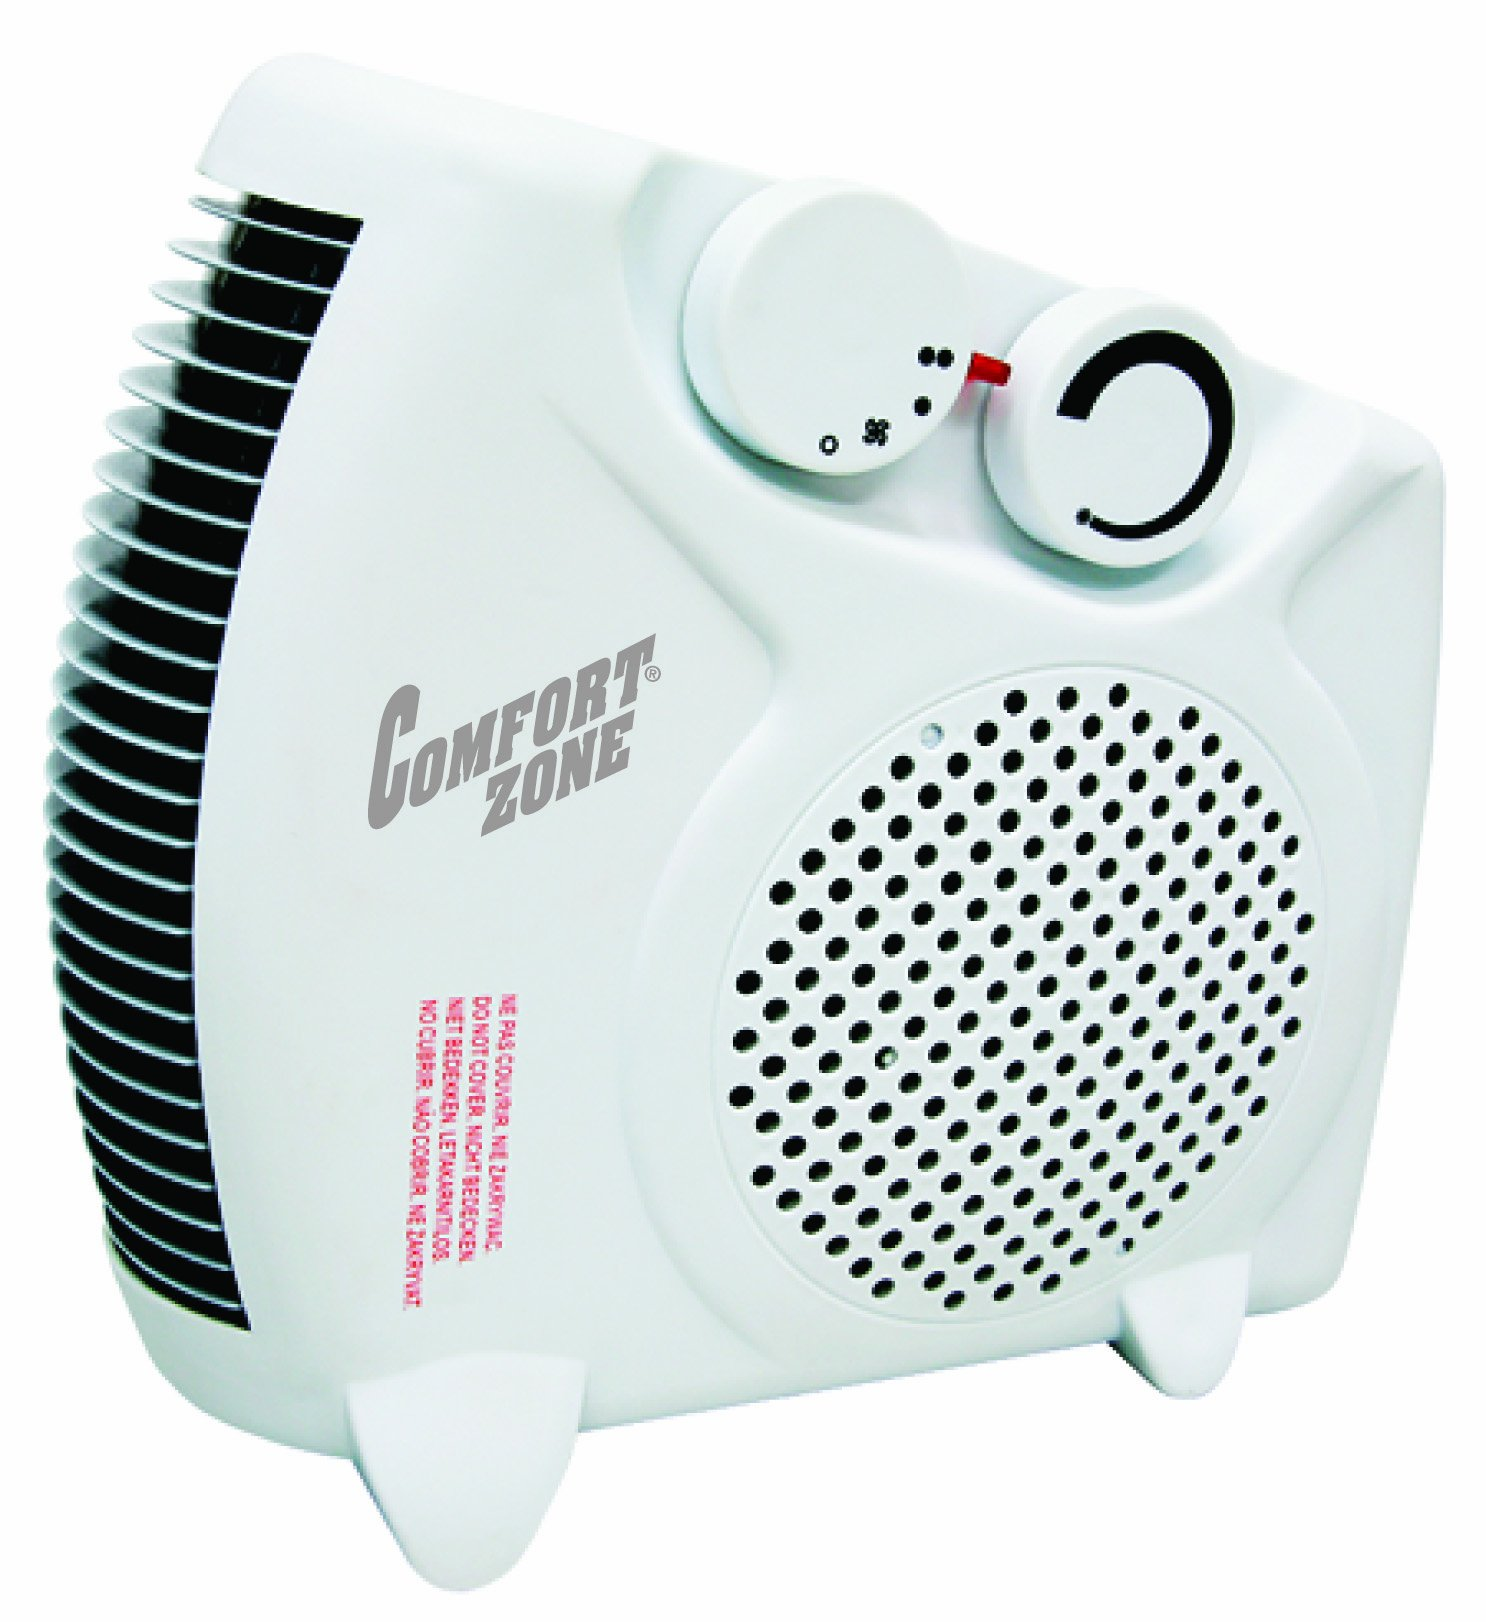 Comfort Zone Deluxe convertible heater/fan CZ30